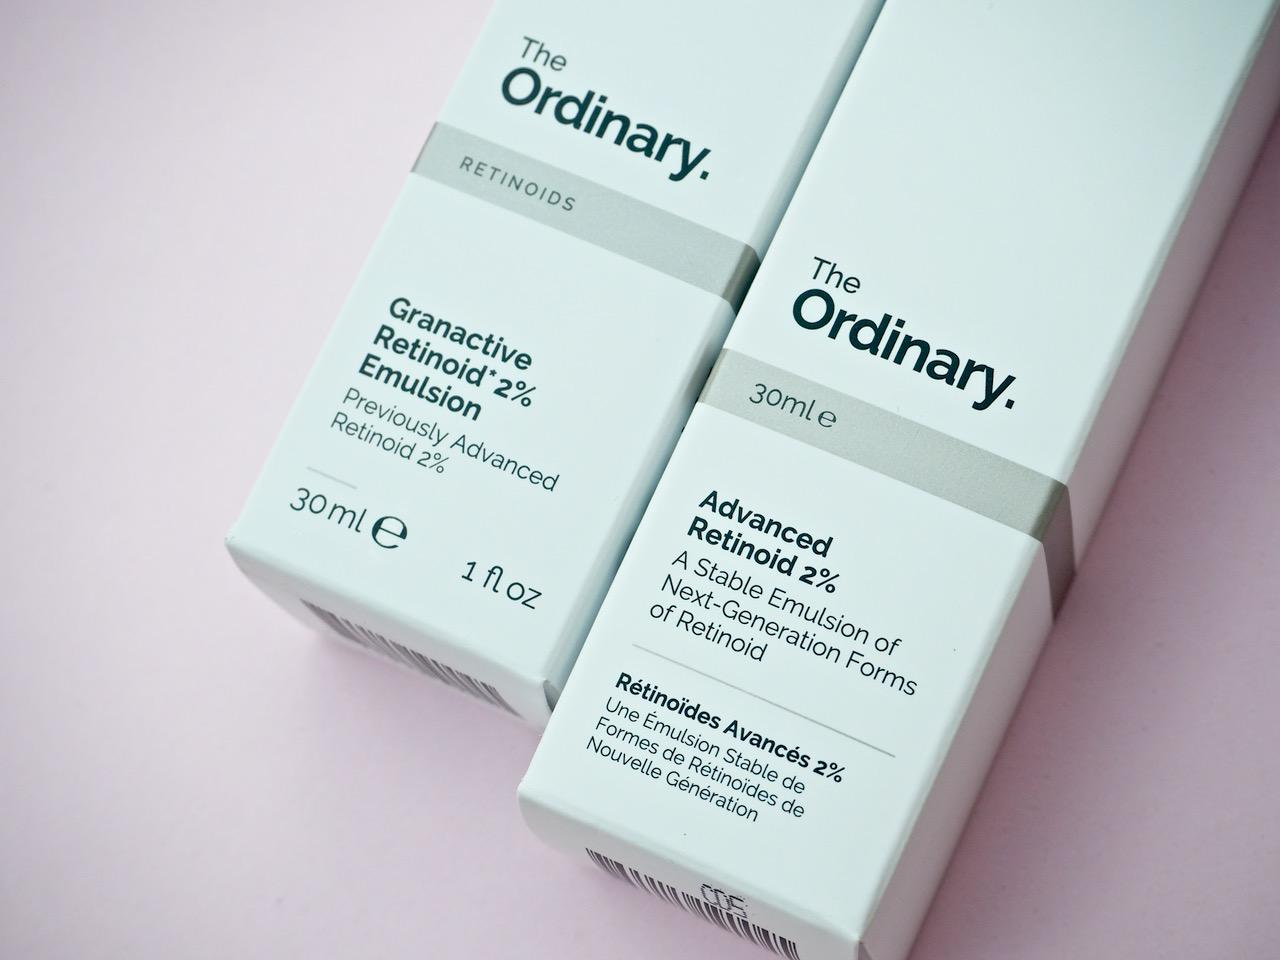 The Ordinary Granactive Retinoid 2% Emulsion kokemuksia Ostolakossa blogi Virve Vee